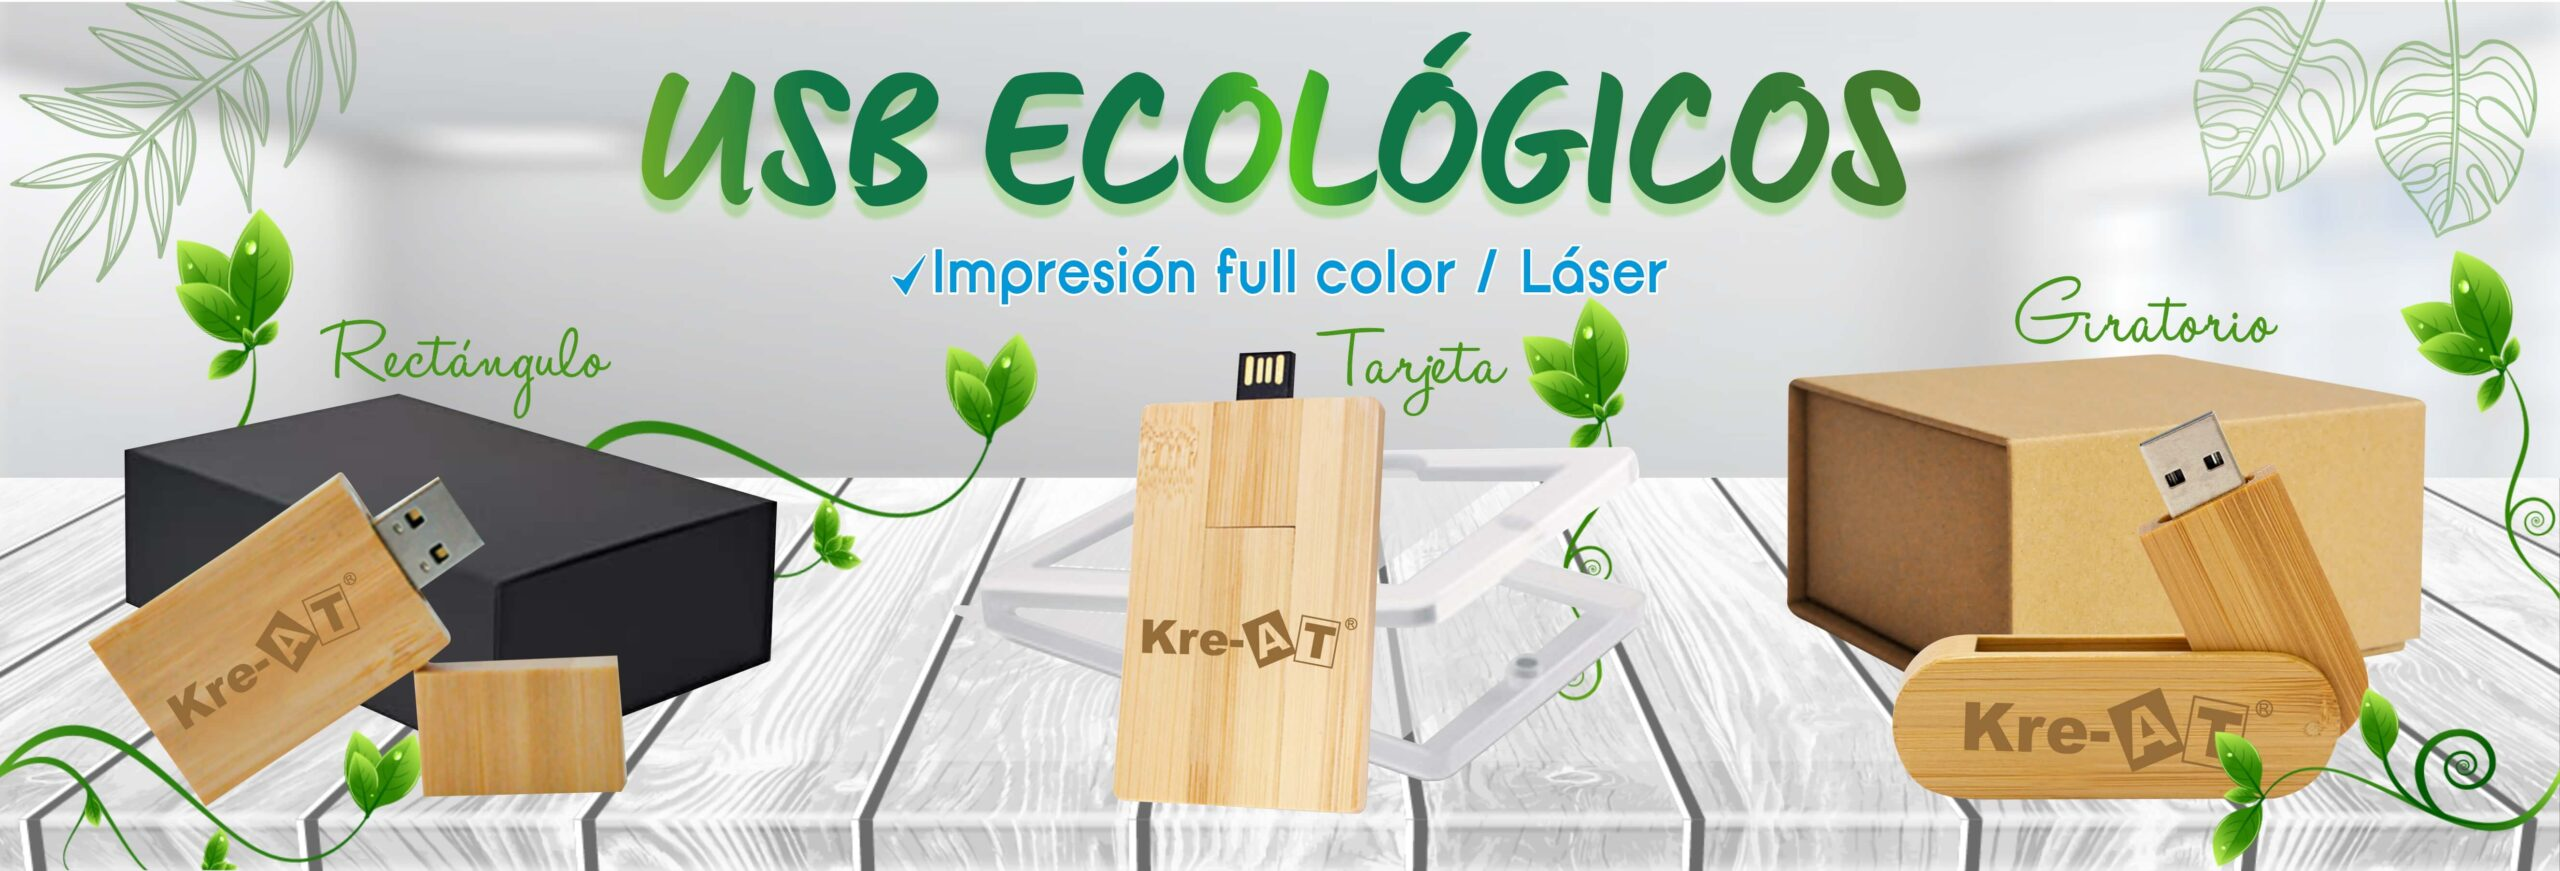 USB-ECOLOGICO-WEB-3-scaled